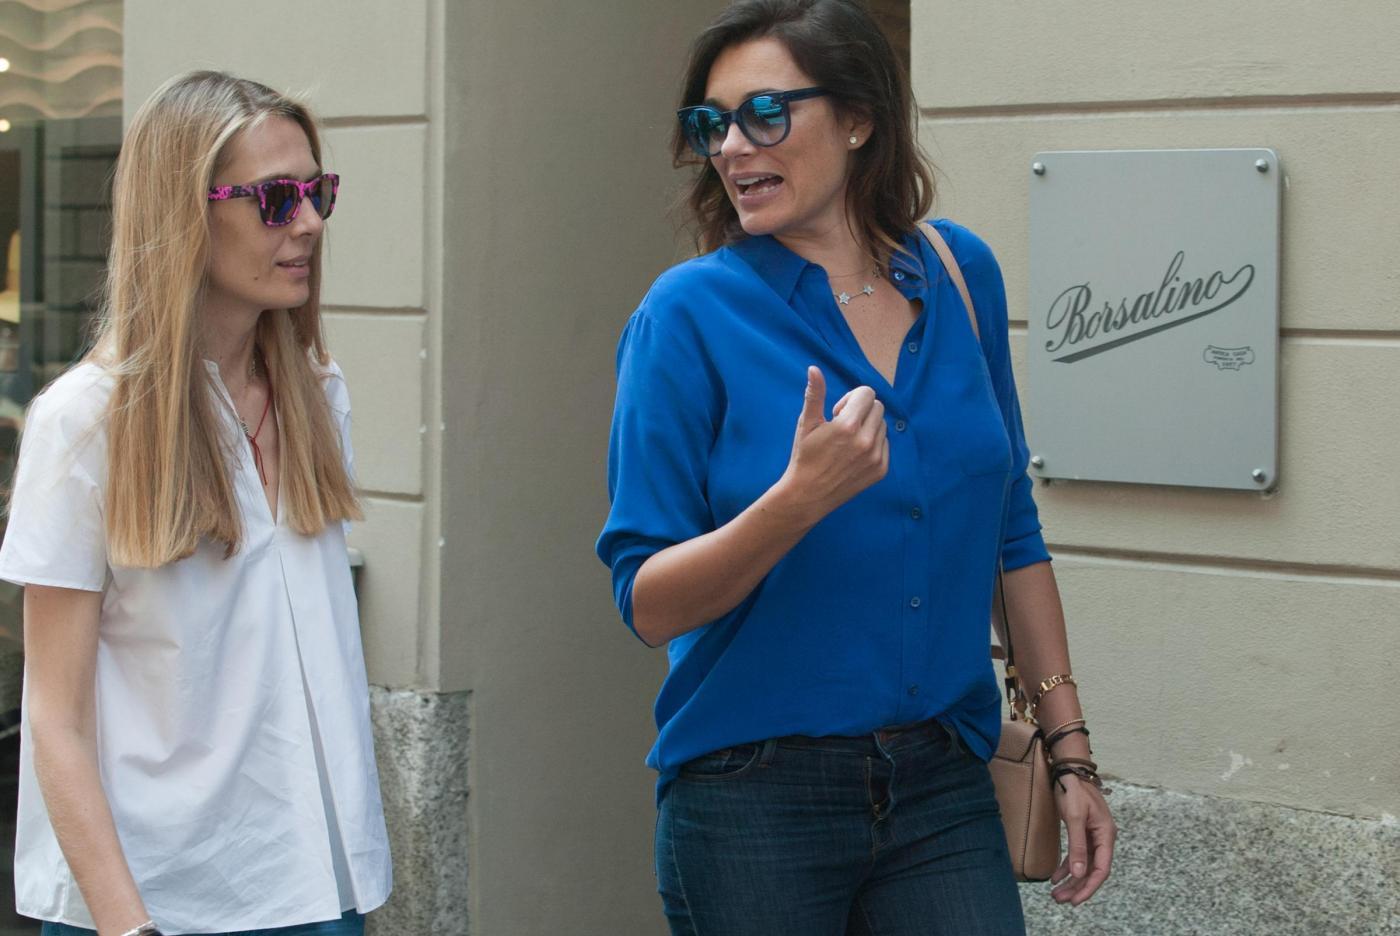 Alena Seredova e Lavinia Borromeo fanno shopping a Milano FOTO 24